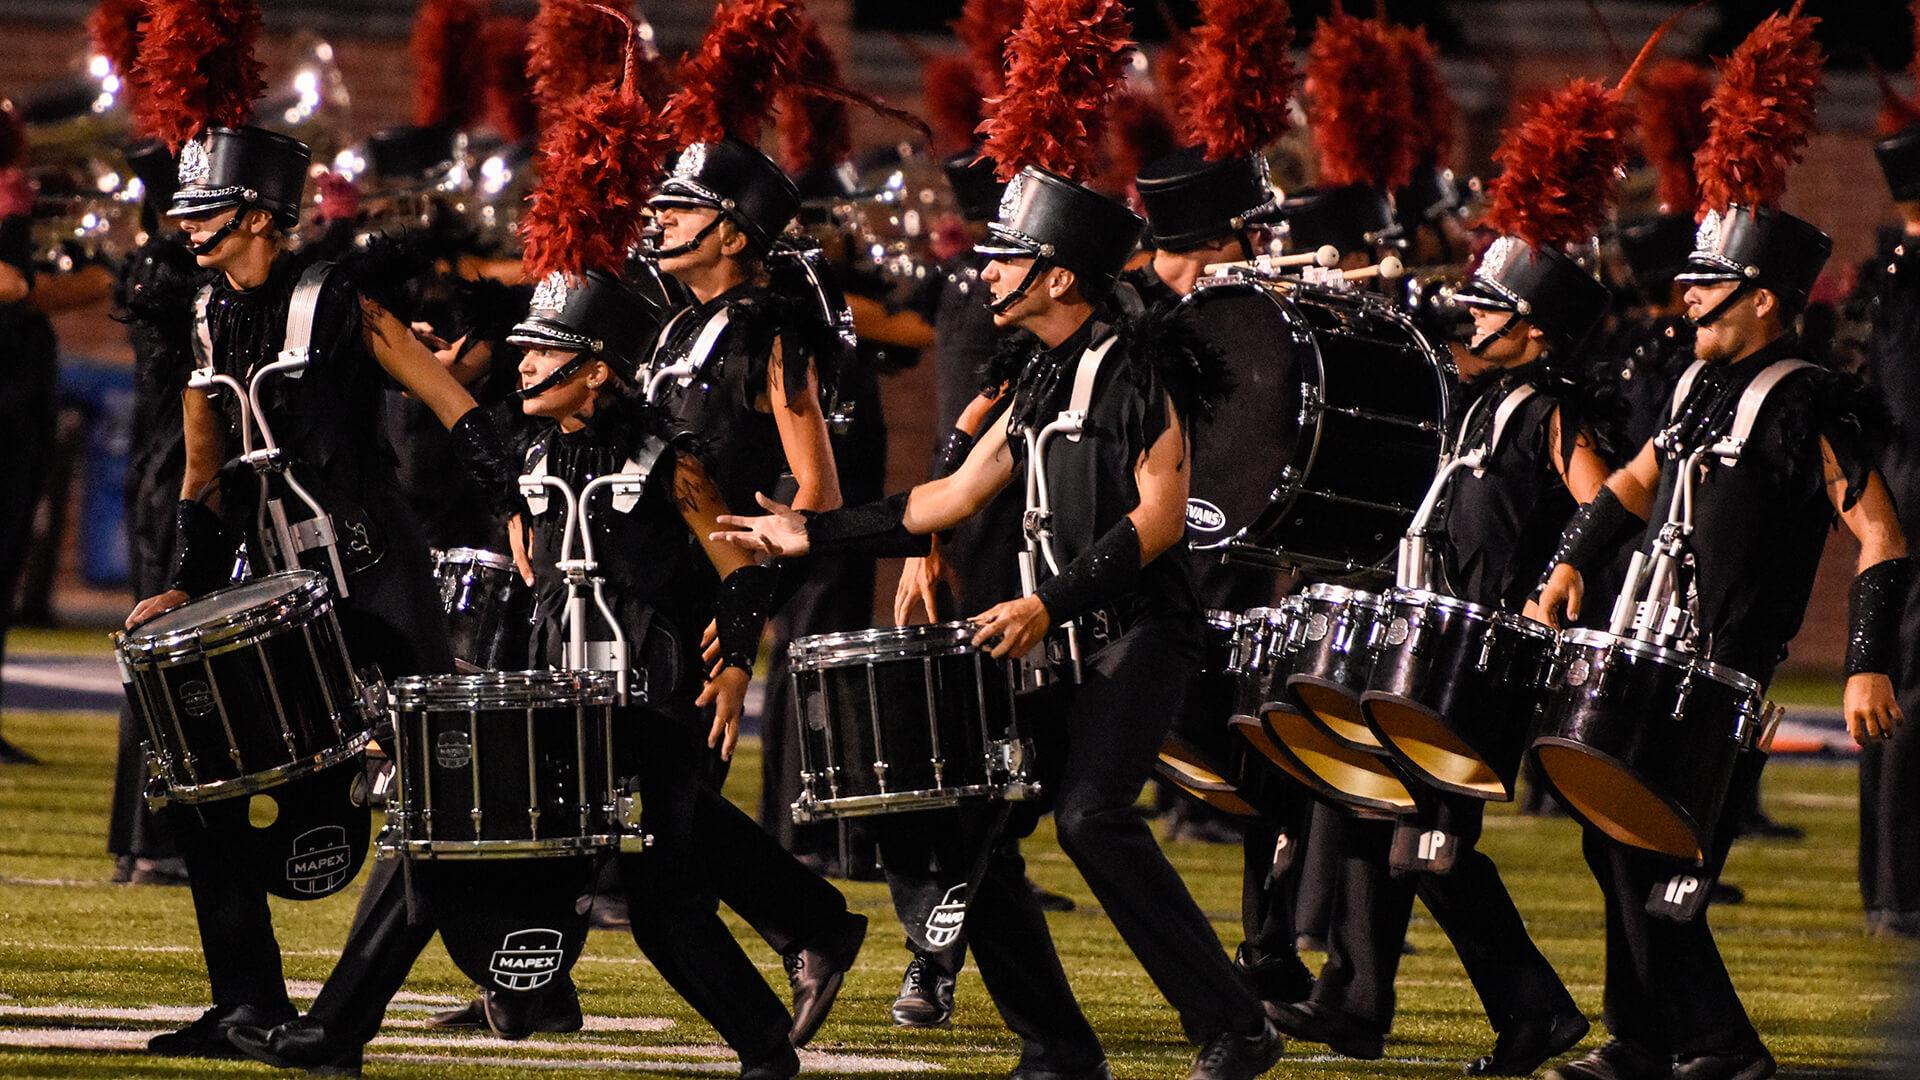 Drums Across the Smokies